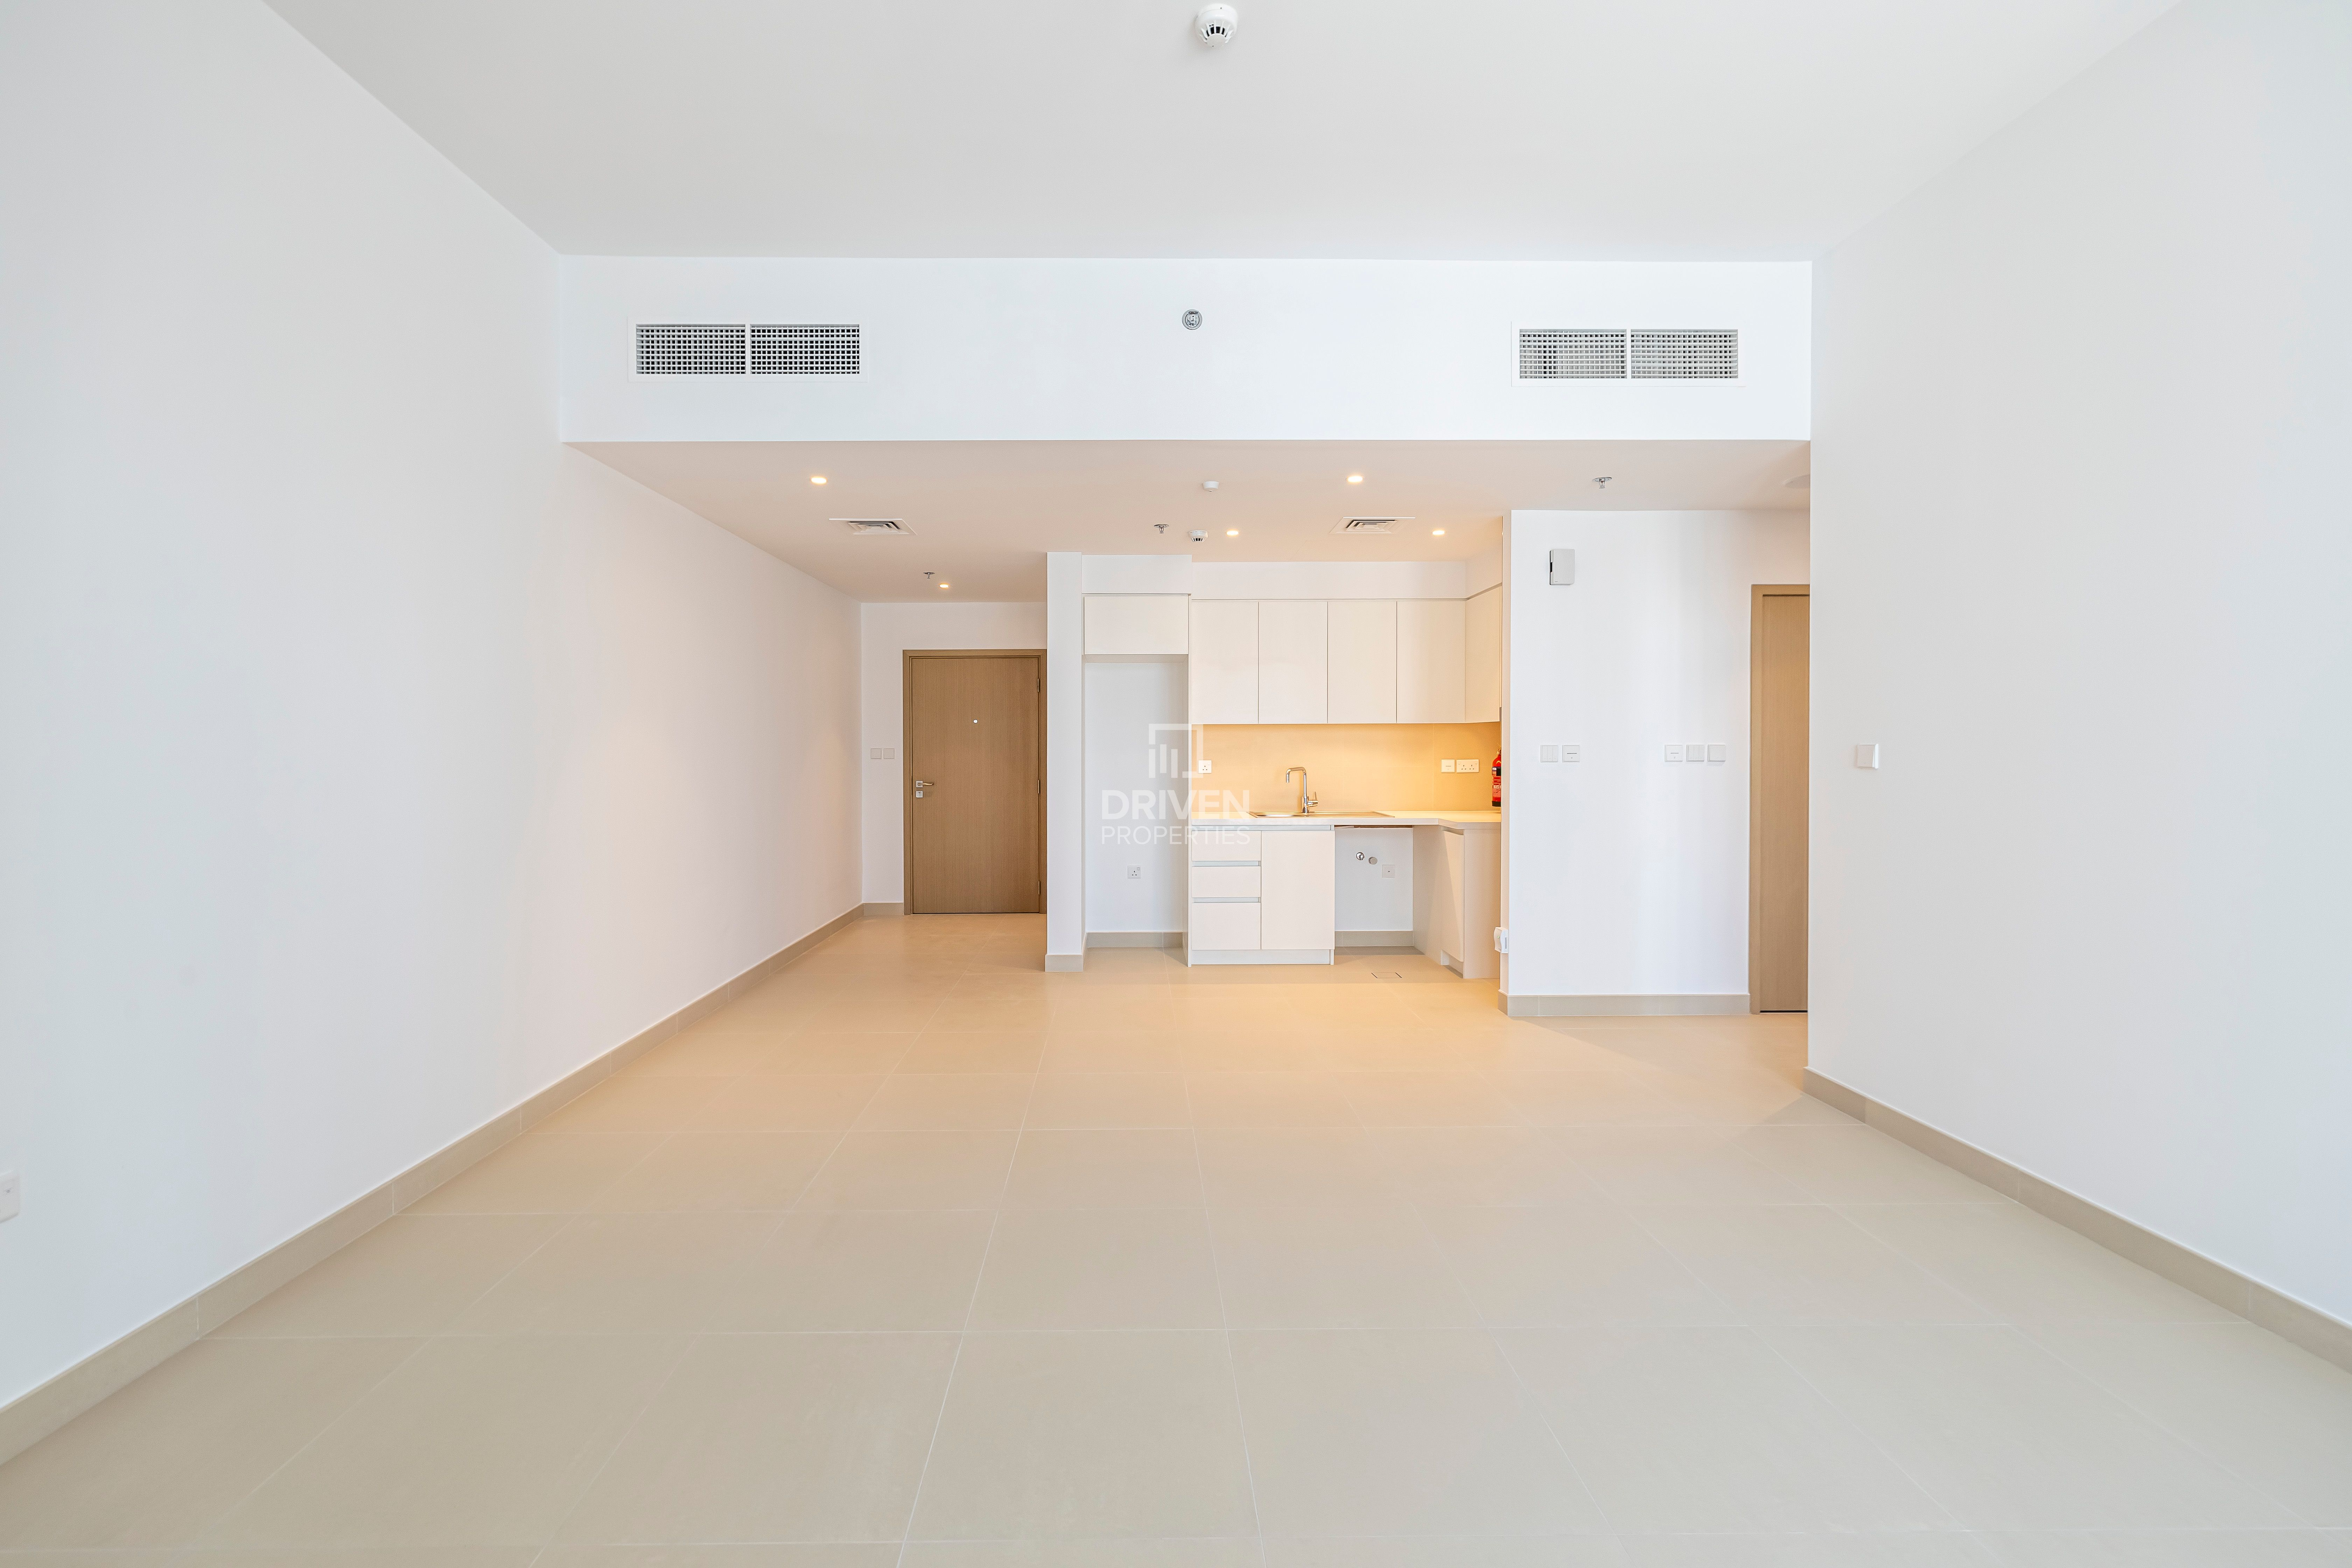 695 قدم مربع  شقة - للبيع - ميناء خور دبي